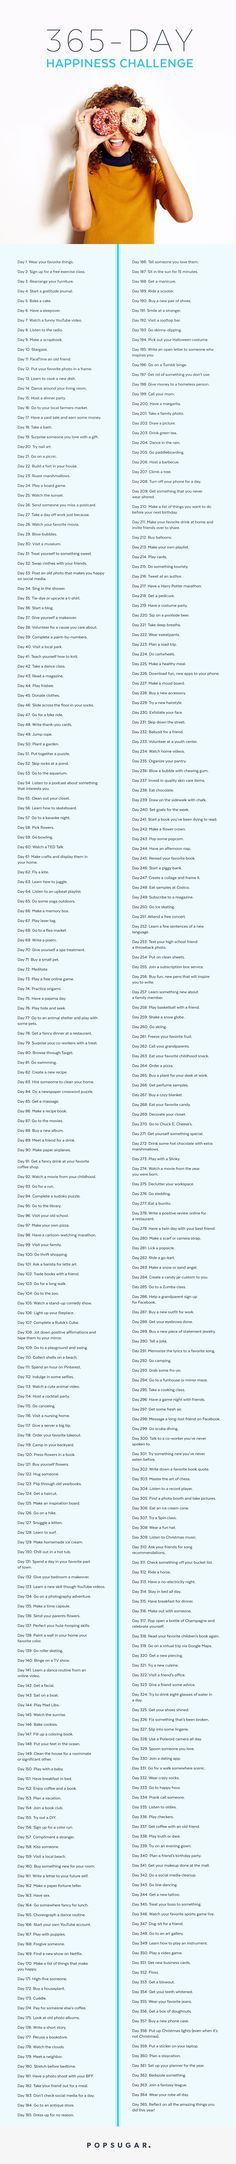 Eine gute Idee. Ich glaube das werde ich mal ausprobieren. Hoffentlich klappt es. Ich weiß nur nicht wann ich damit anfangen soll? Jetzt sofort oder erst am 1. Januar?